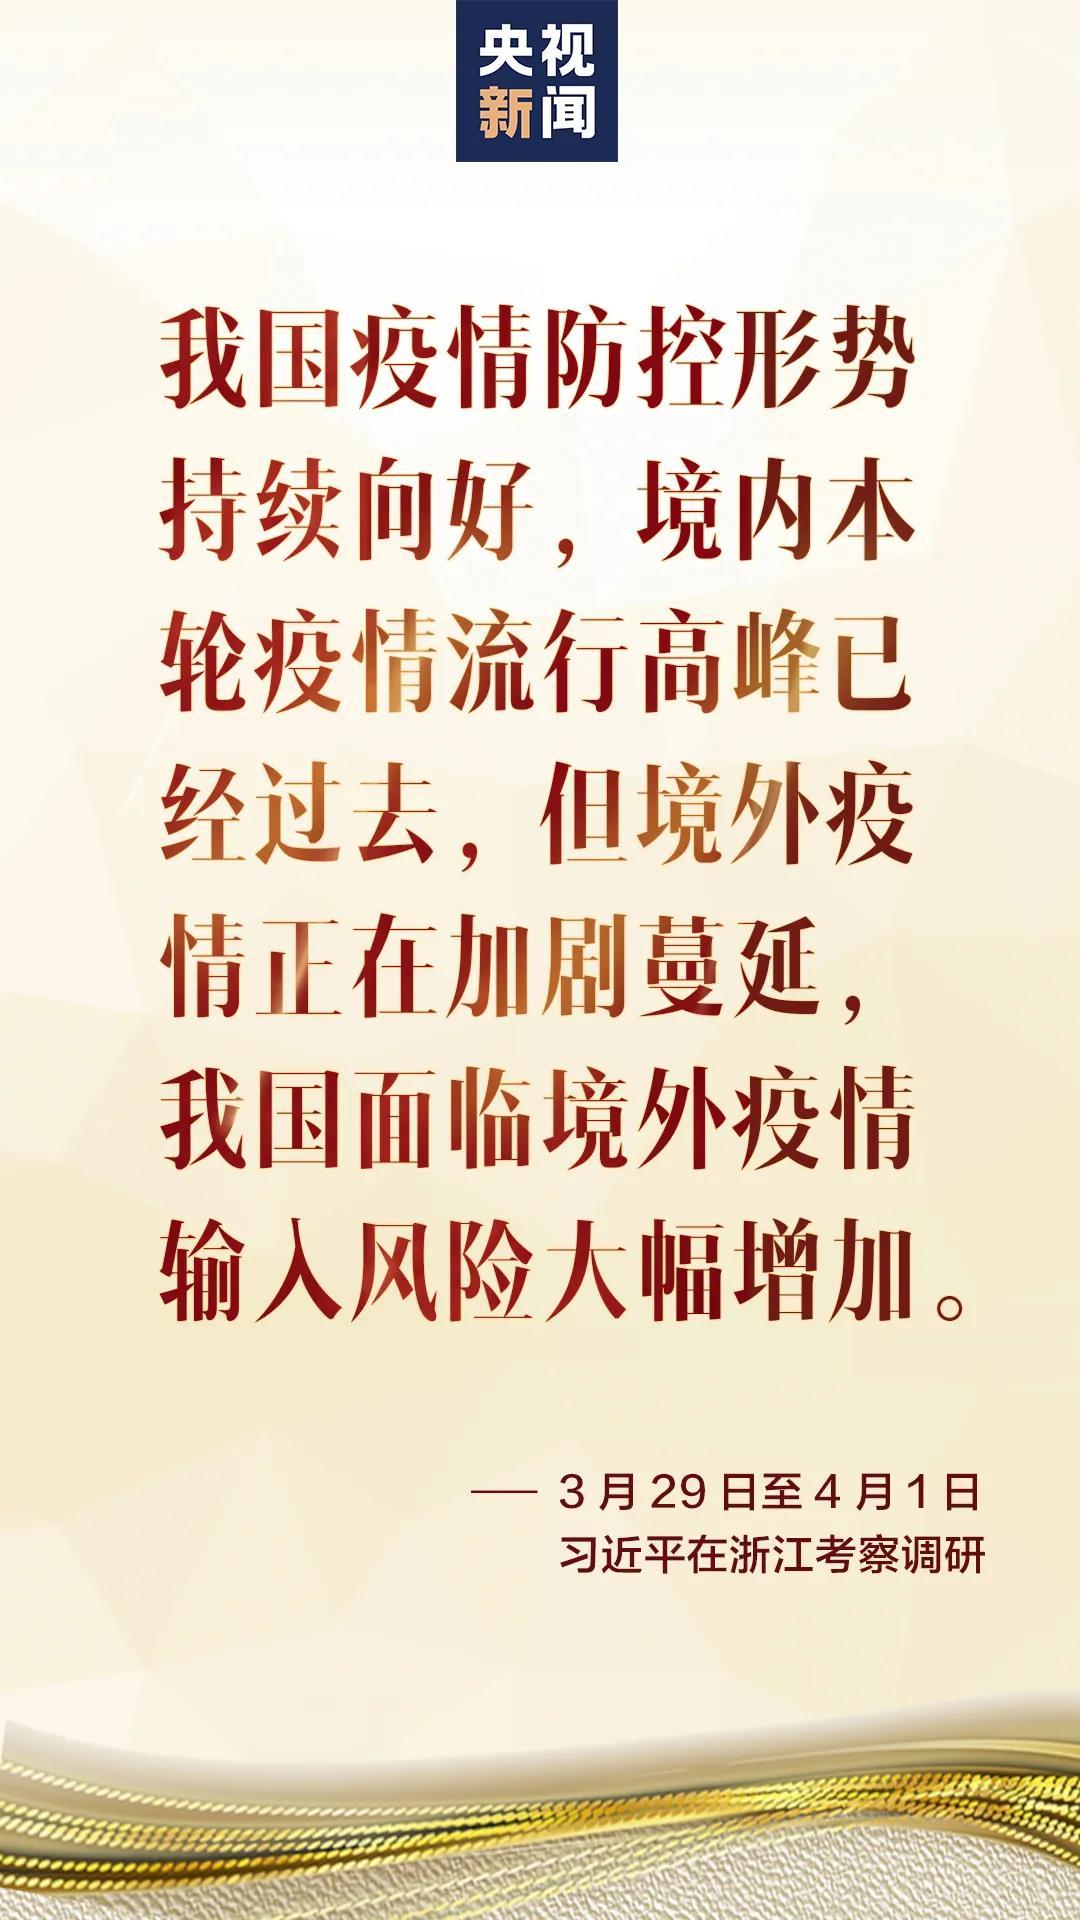 """第三批中國特色農產品優勢區名單公布 """"西峽獼猴挑""""上榜"""